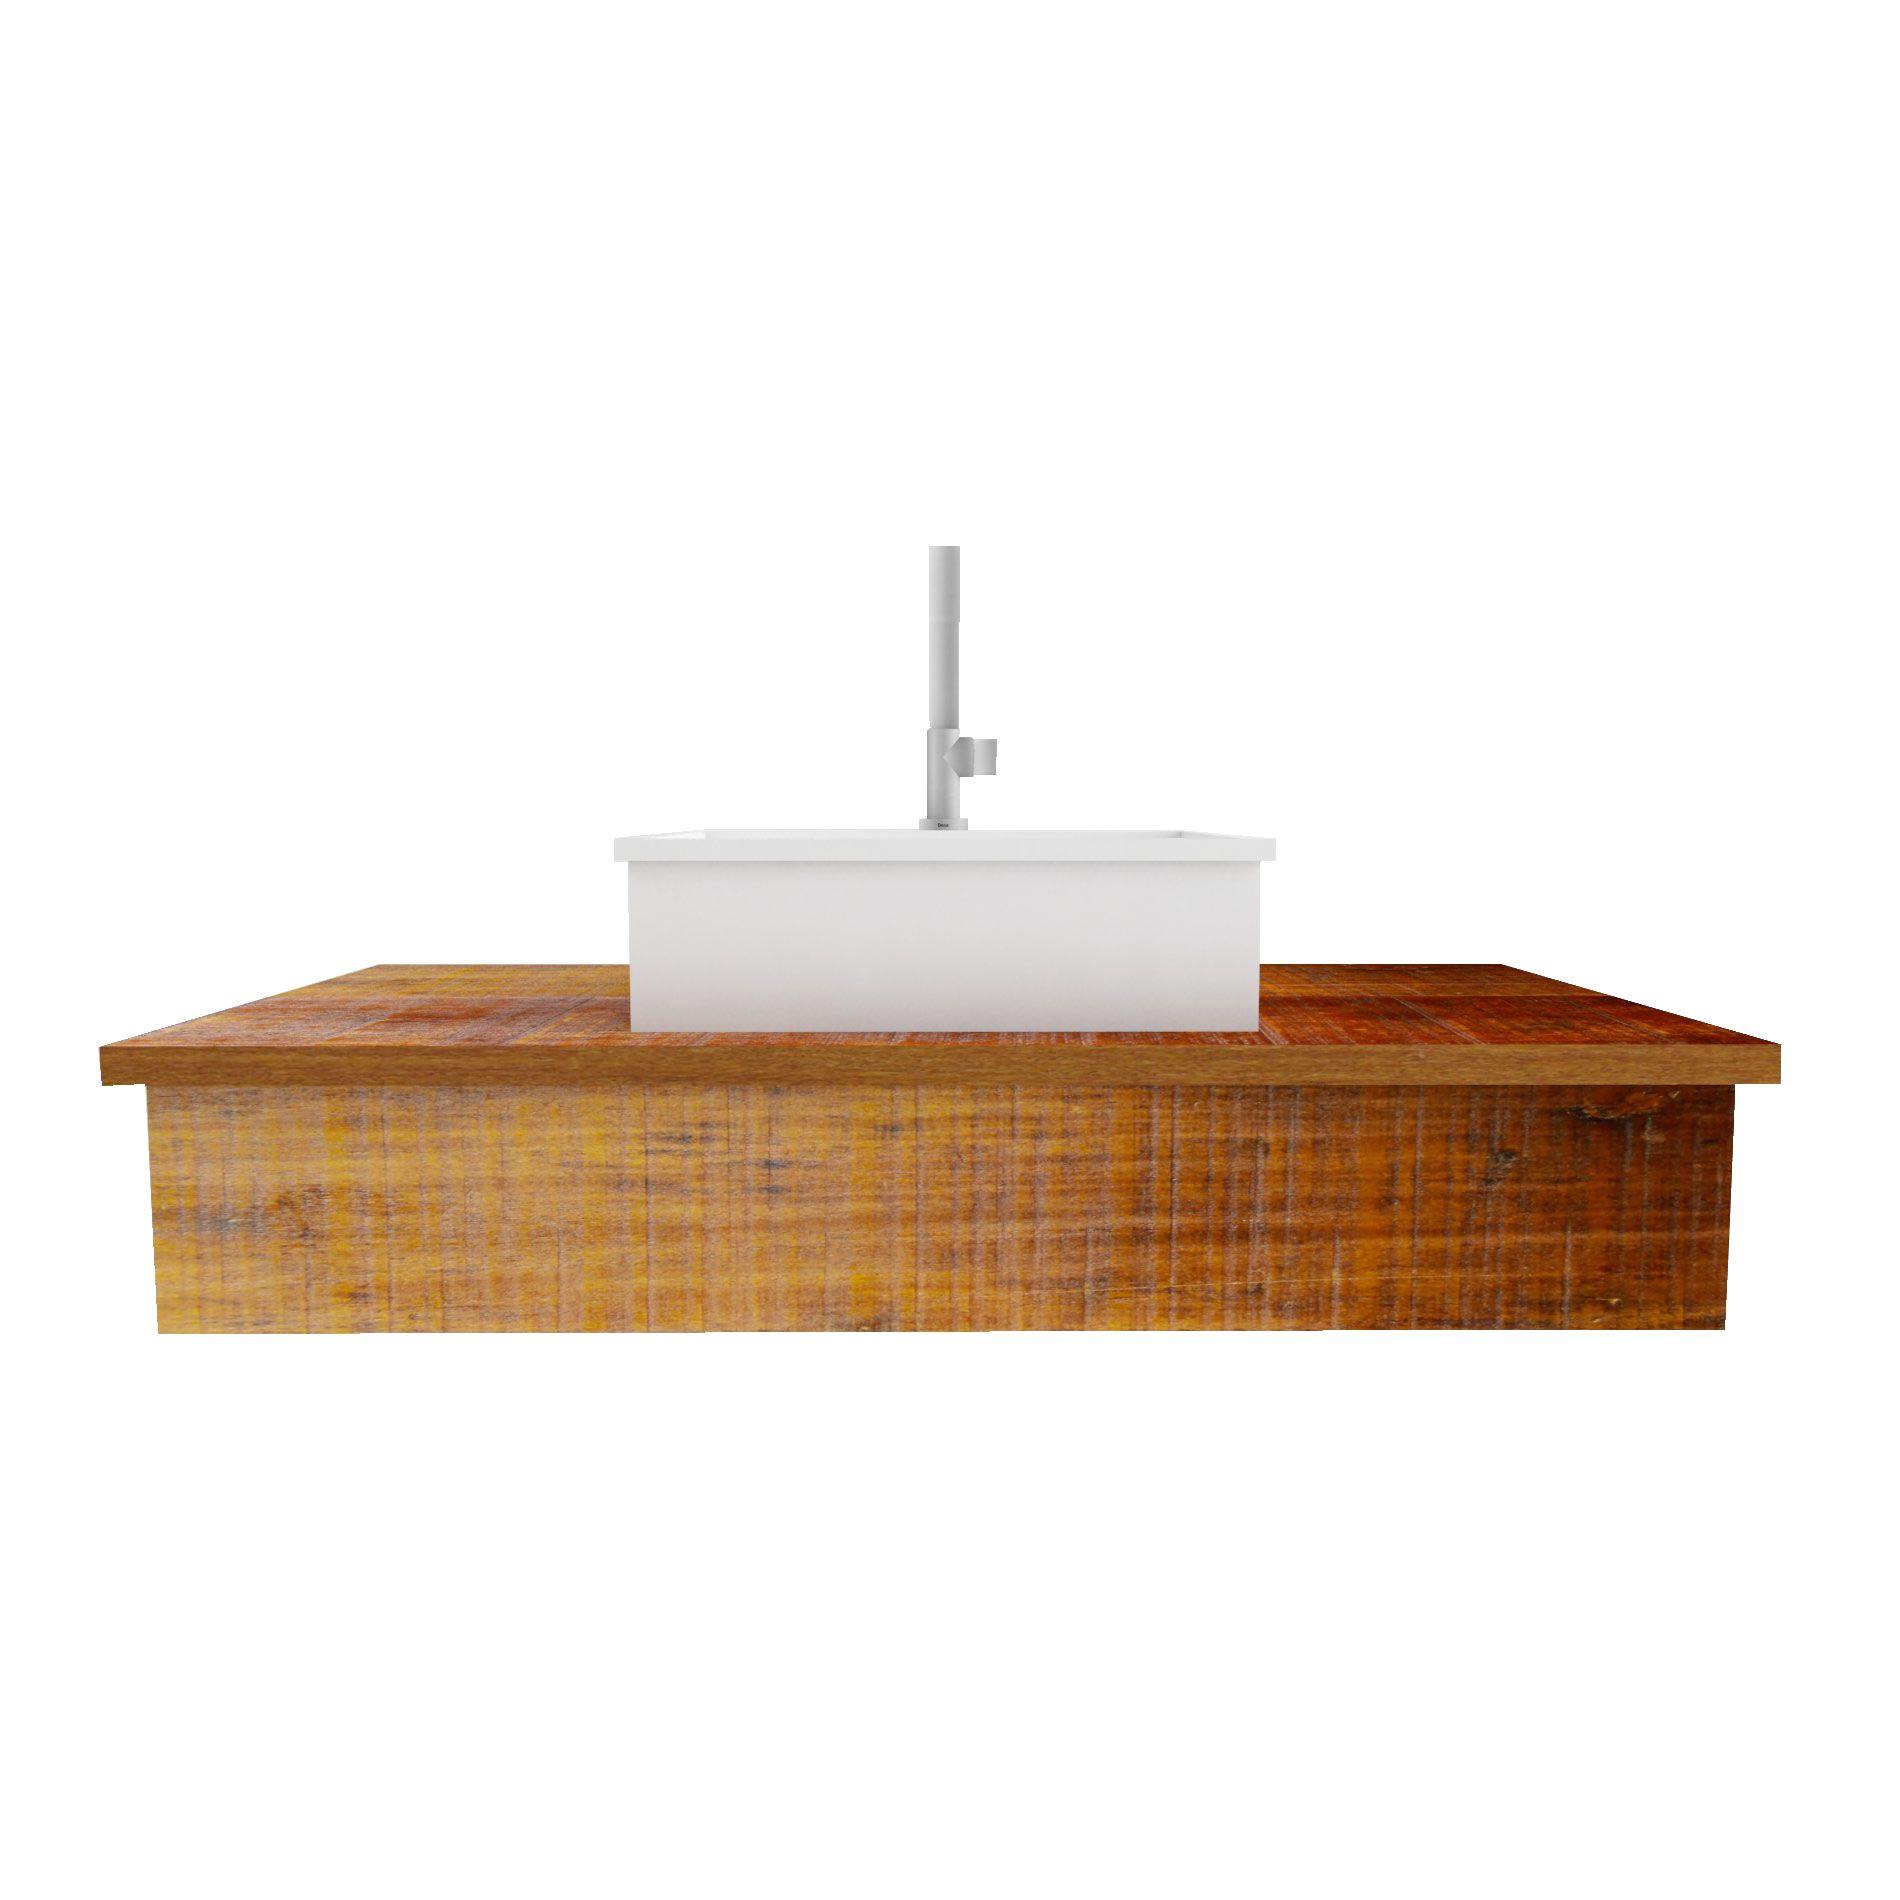 Pia Bancada Para Banheiro Medindo 60x40 Madeira de demolição